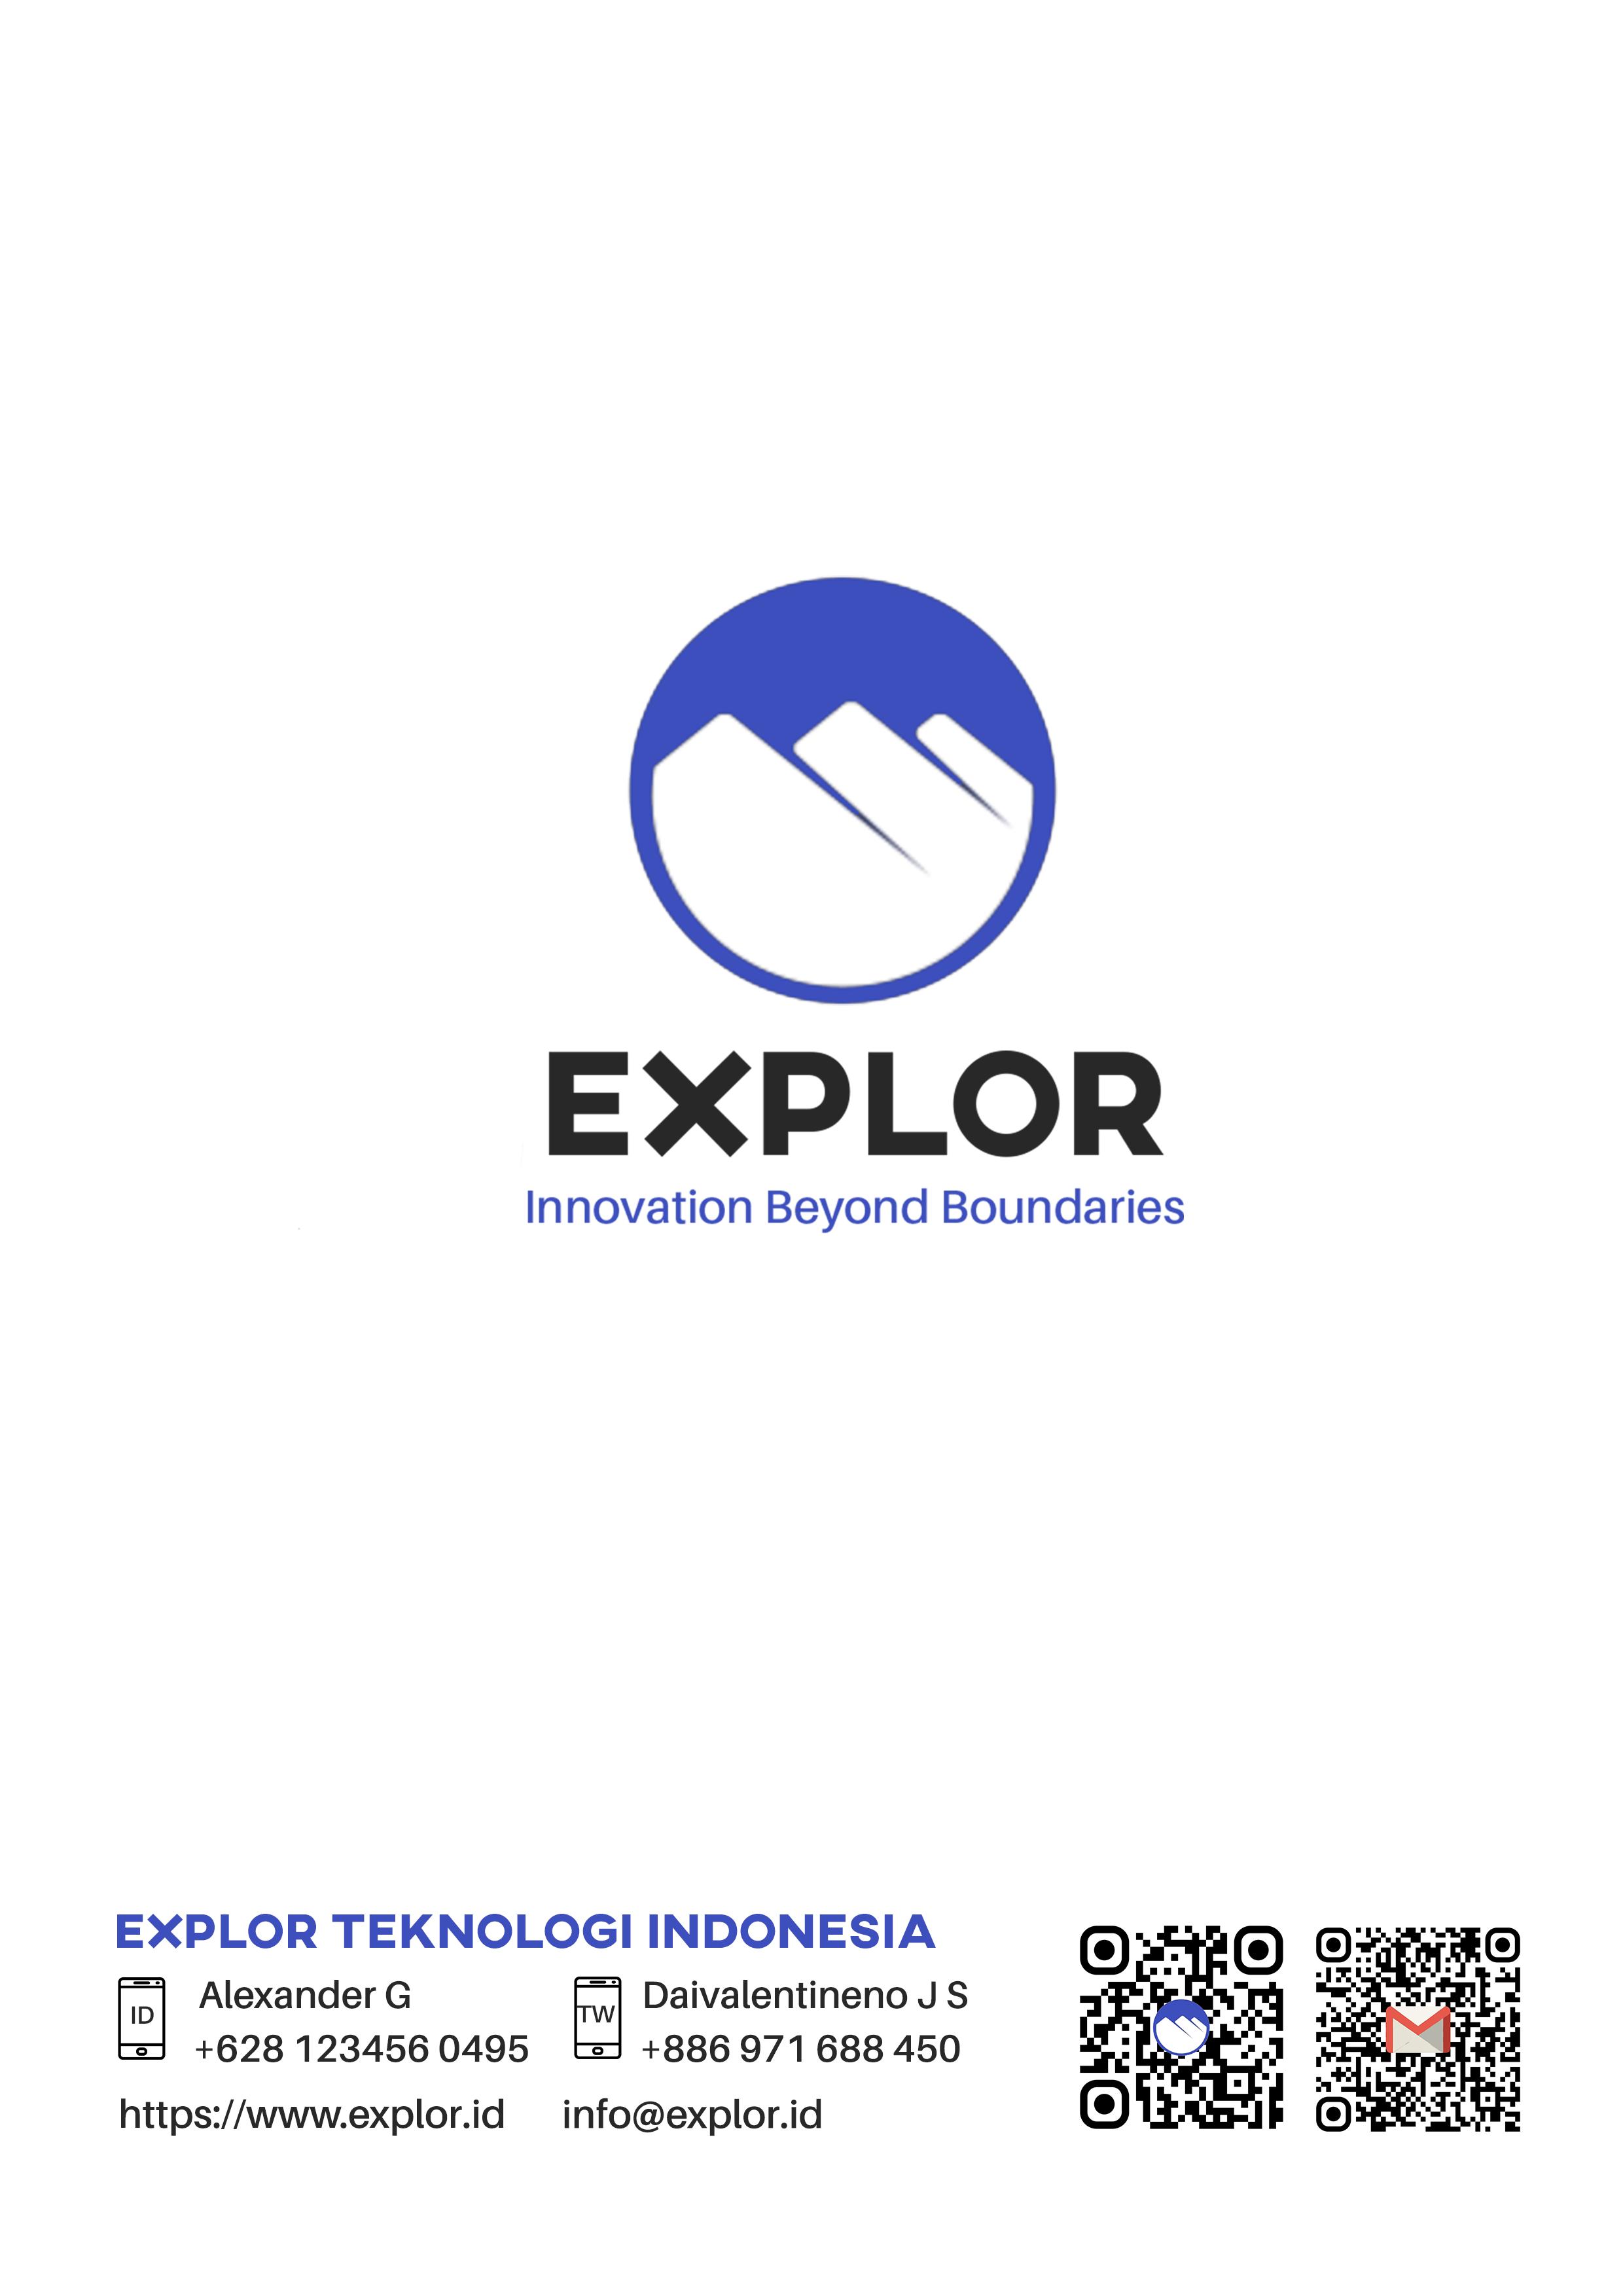 Explor Company Profile